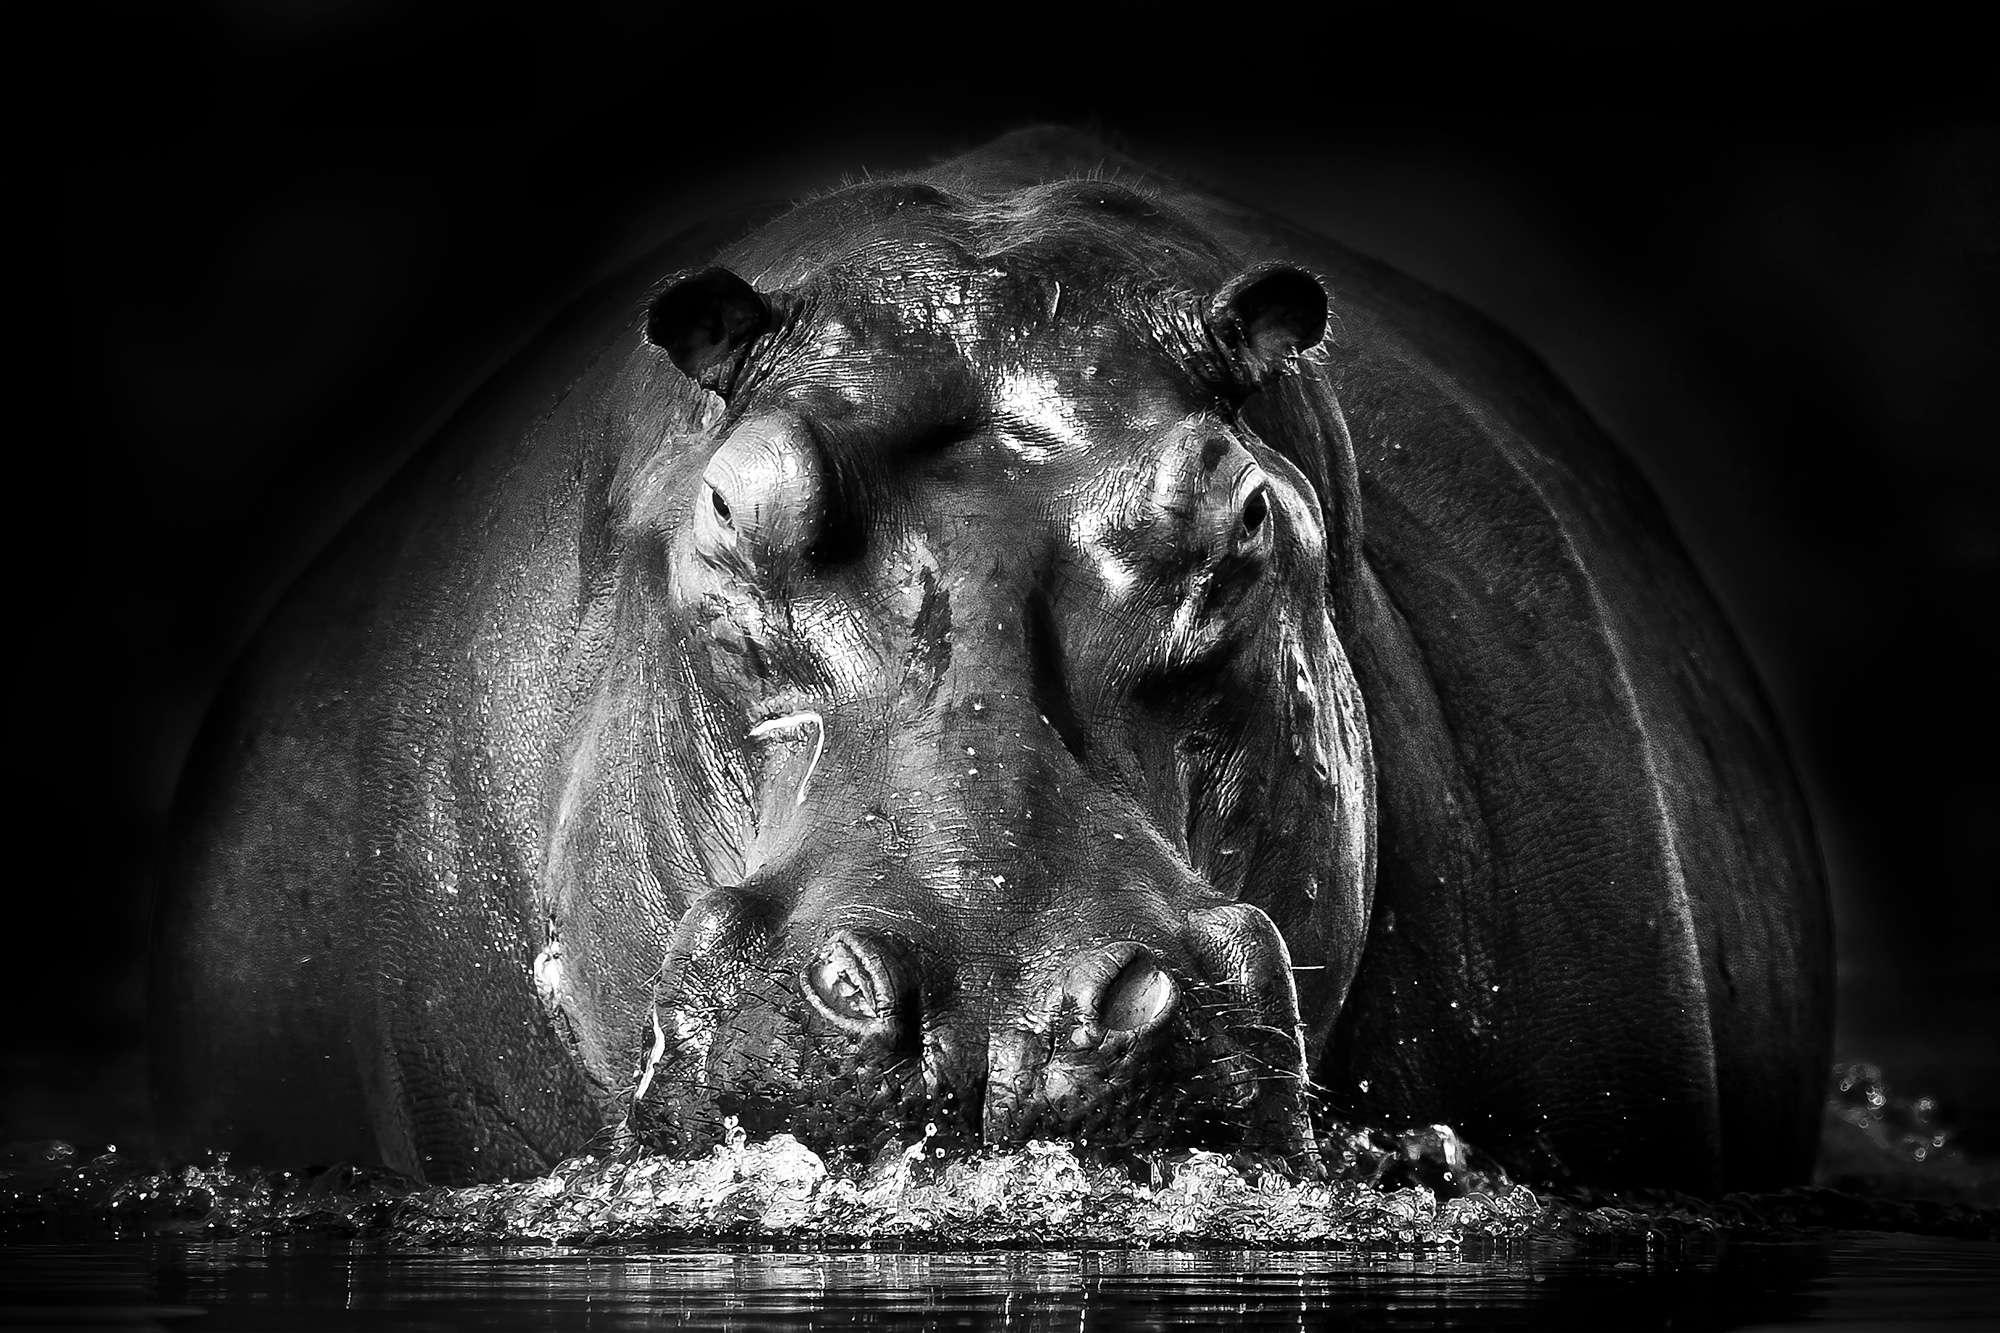 Gorazd Golob - Hippopotamus